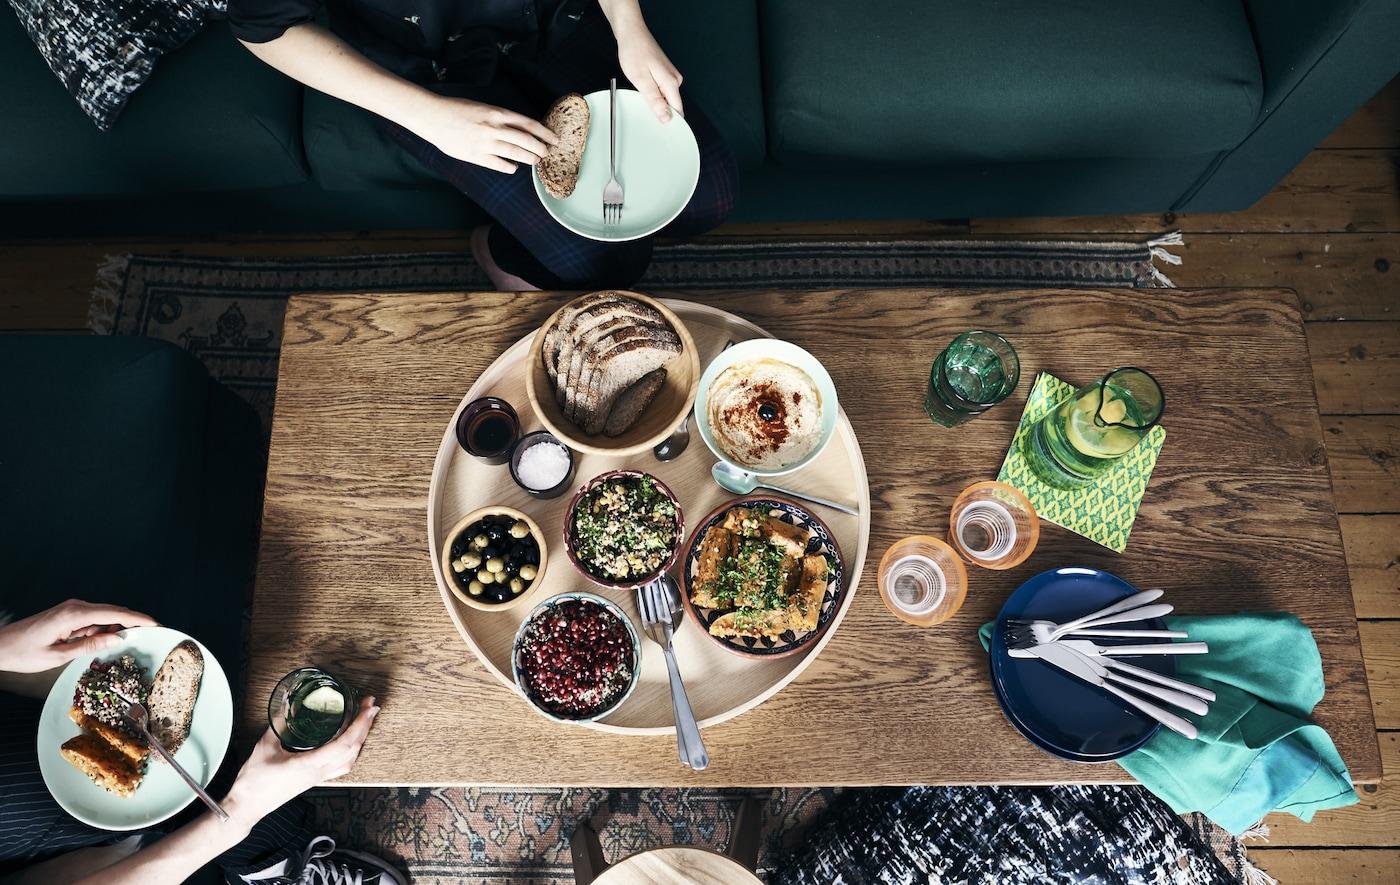 Repas de style marocain servi sur une table basse.